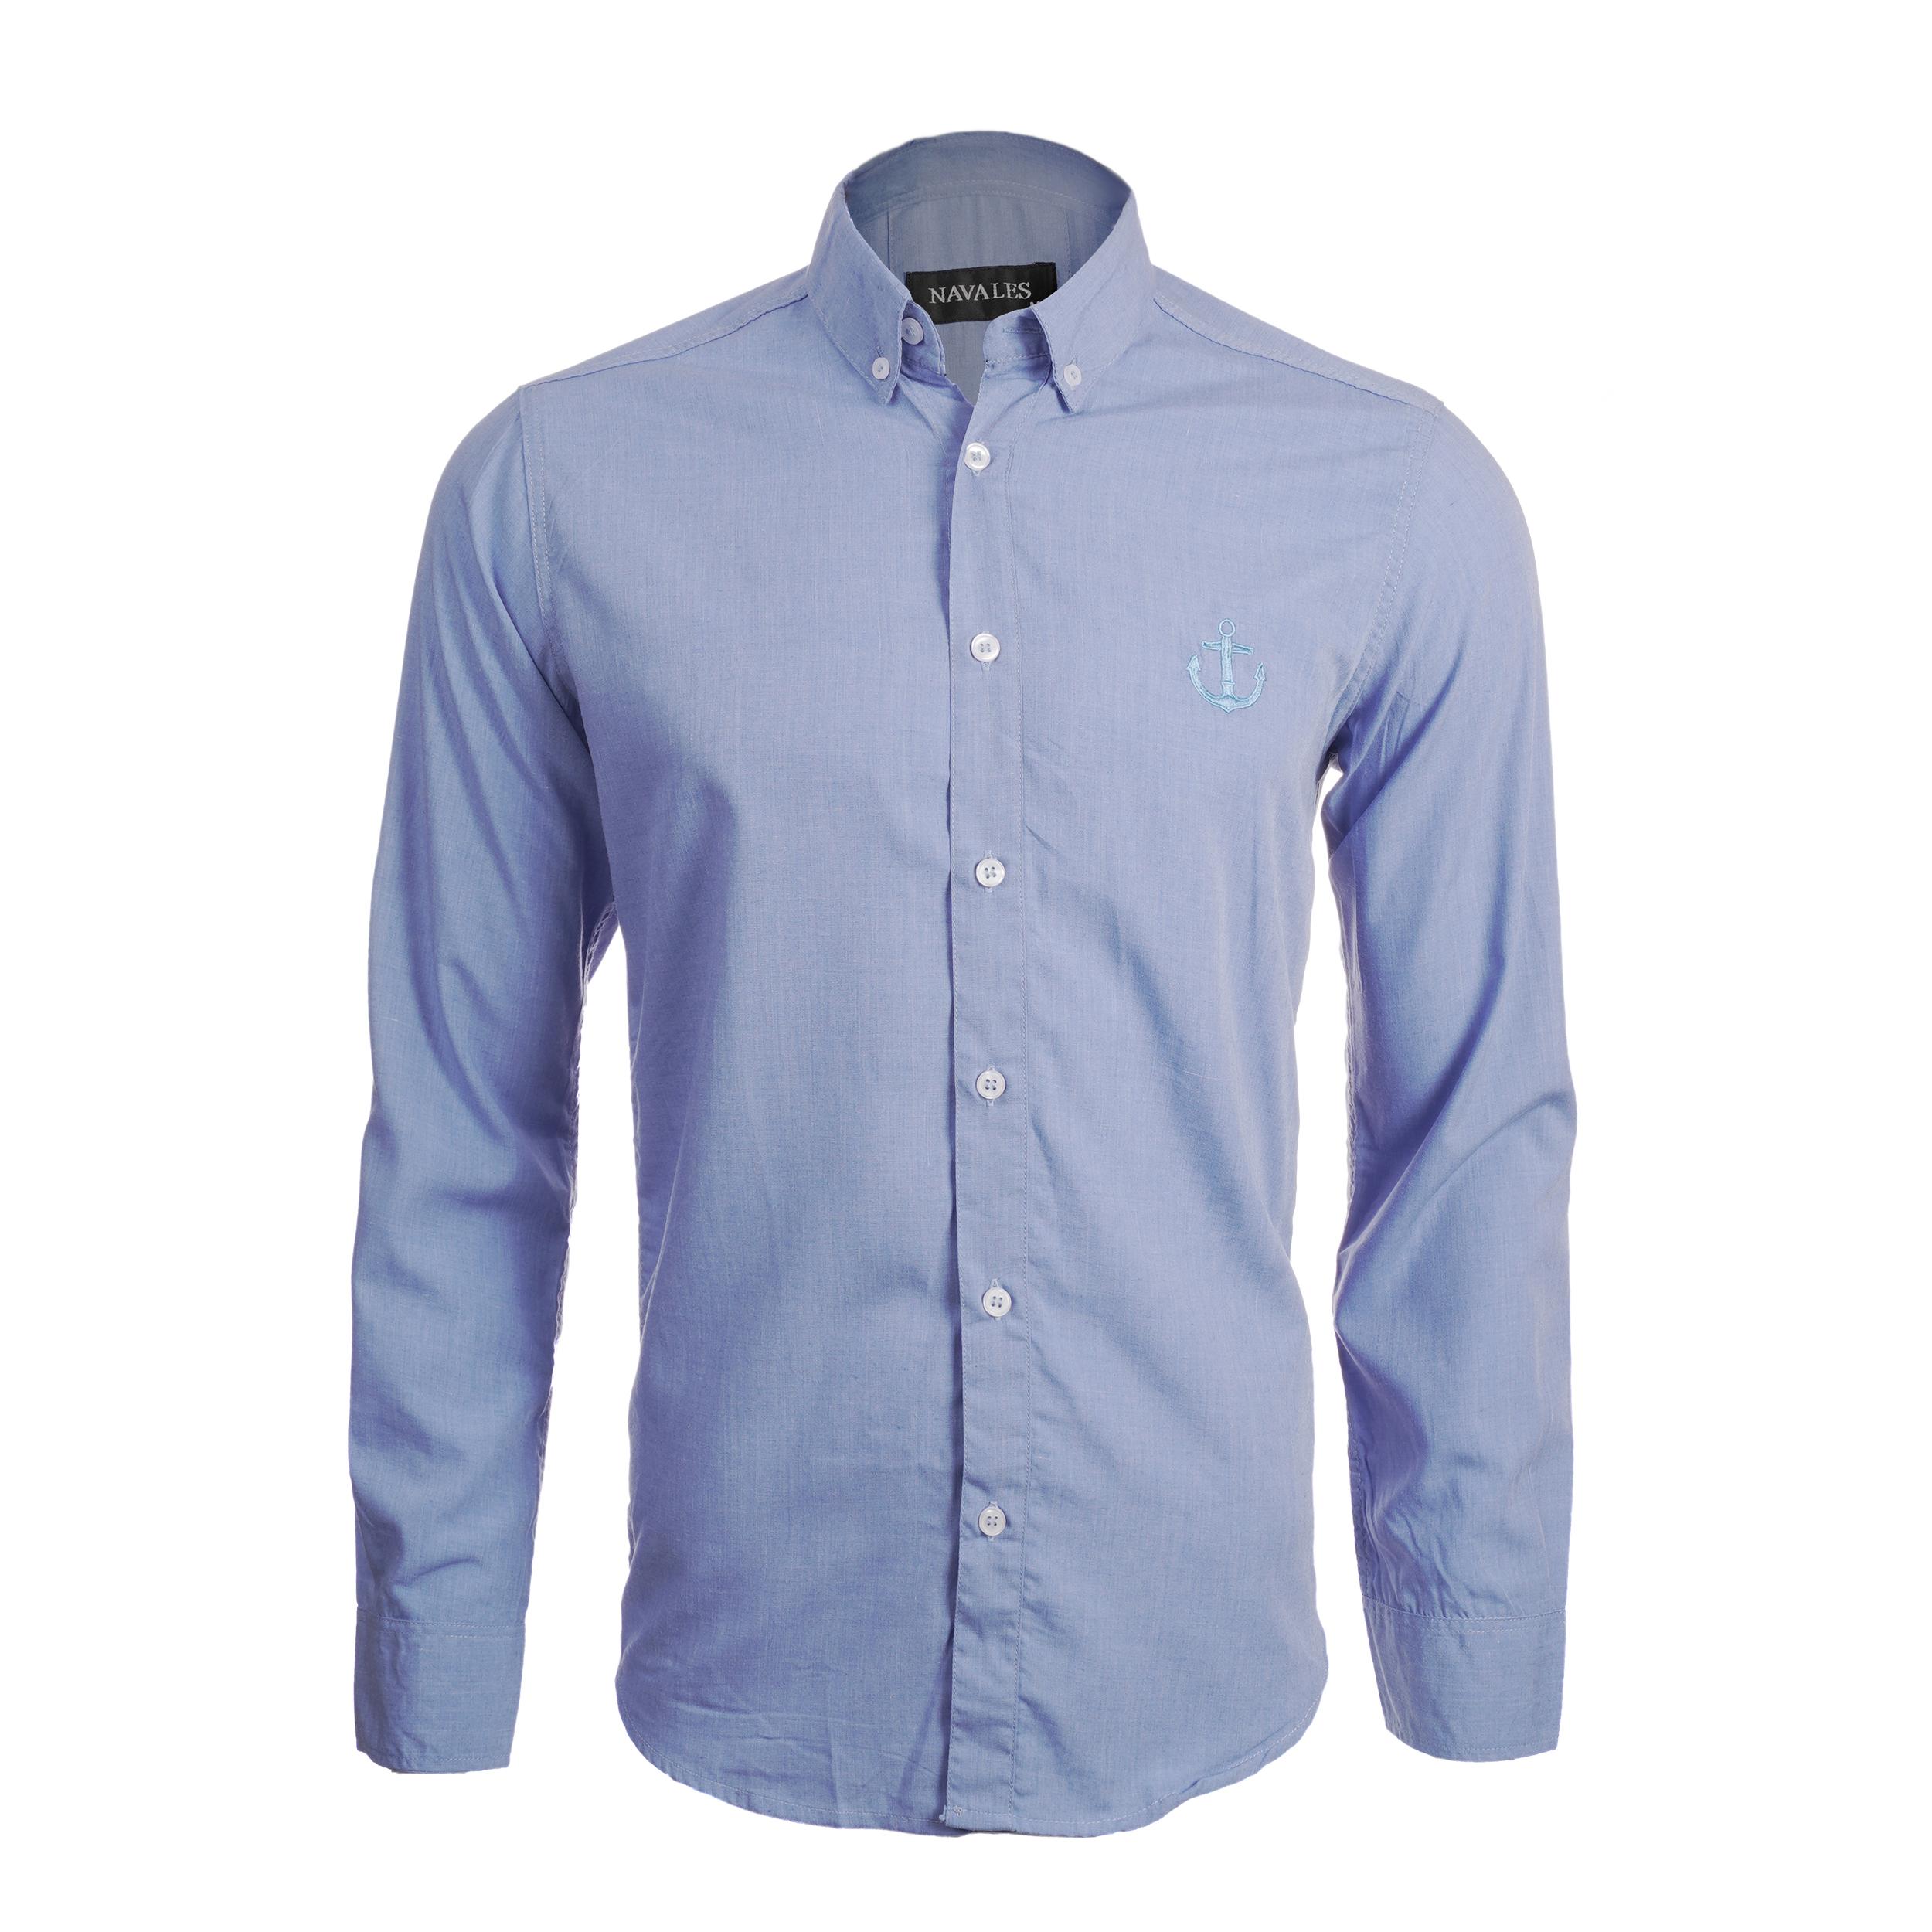 پیراهن آستین بلند مردانه ناوالس مدل MLANZH-LBL